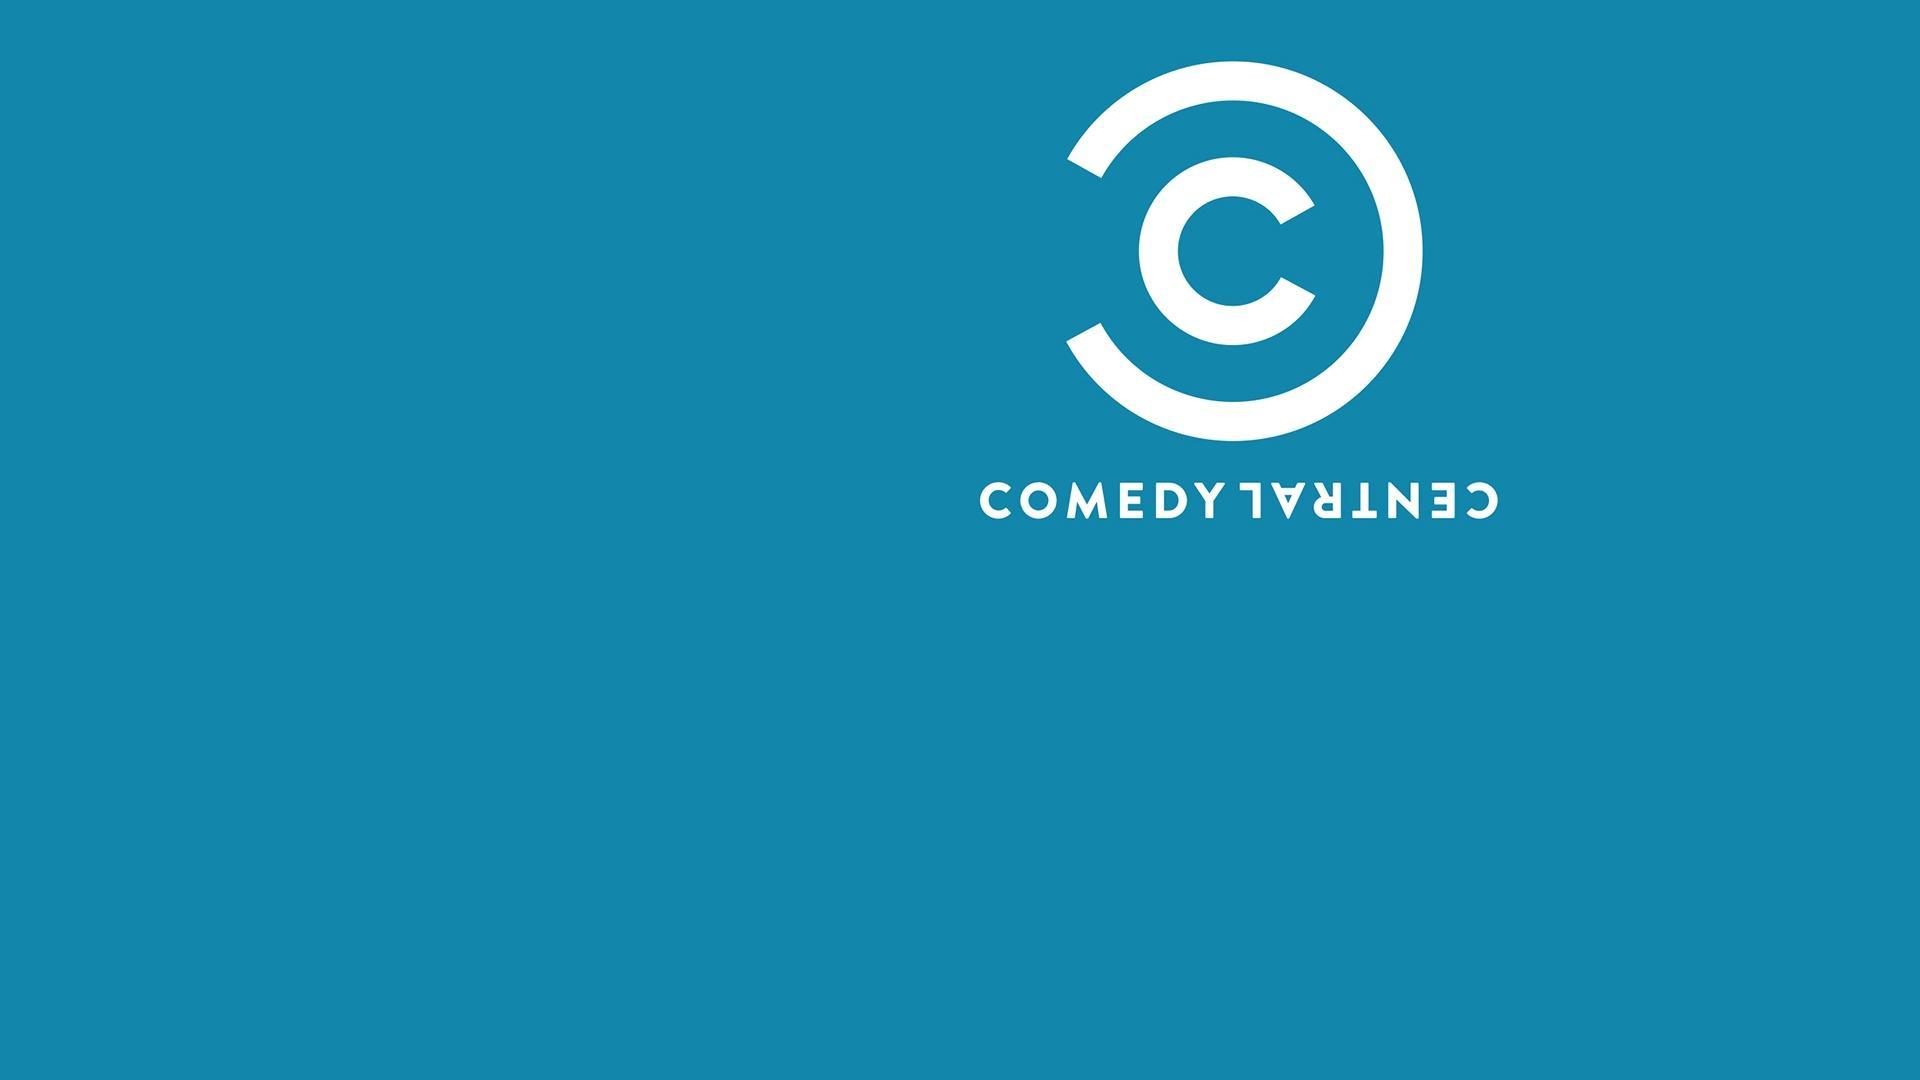 Comedy Central S.C.Q.R. Sono comici questi romani